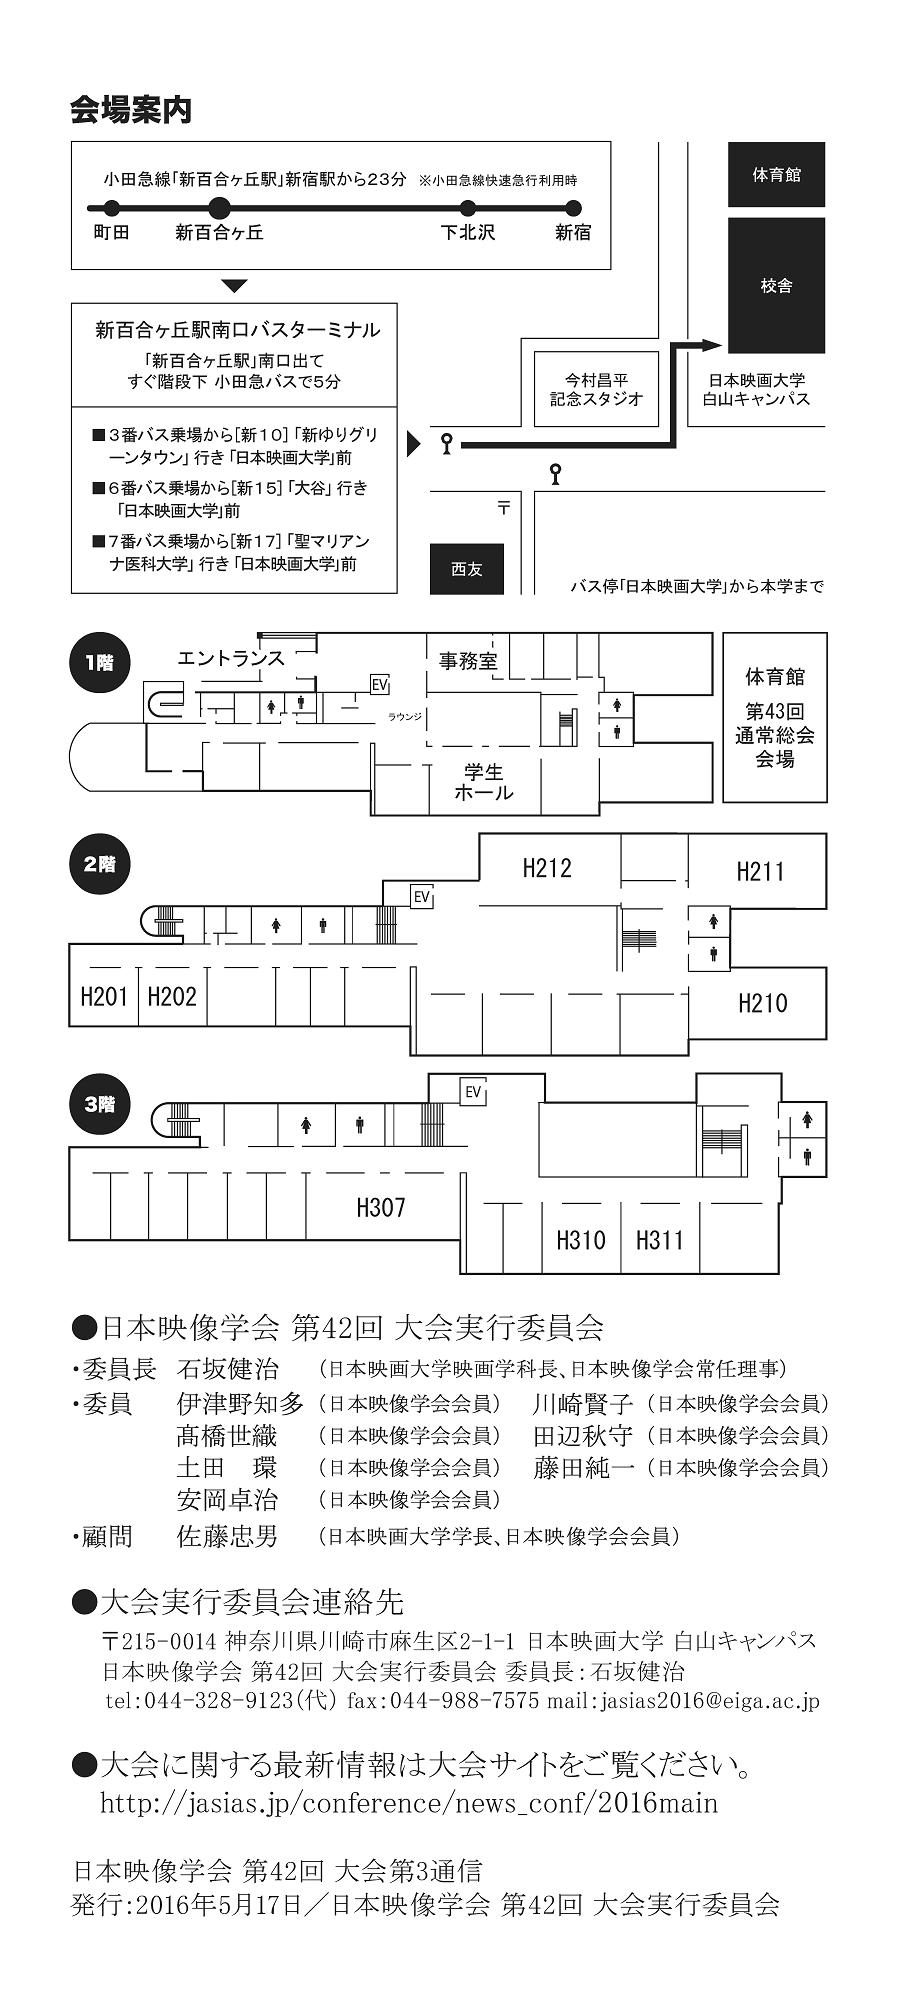 日本映像学会第42回大会第3通信3/3画像